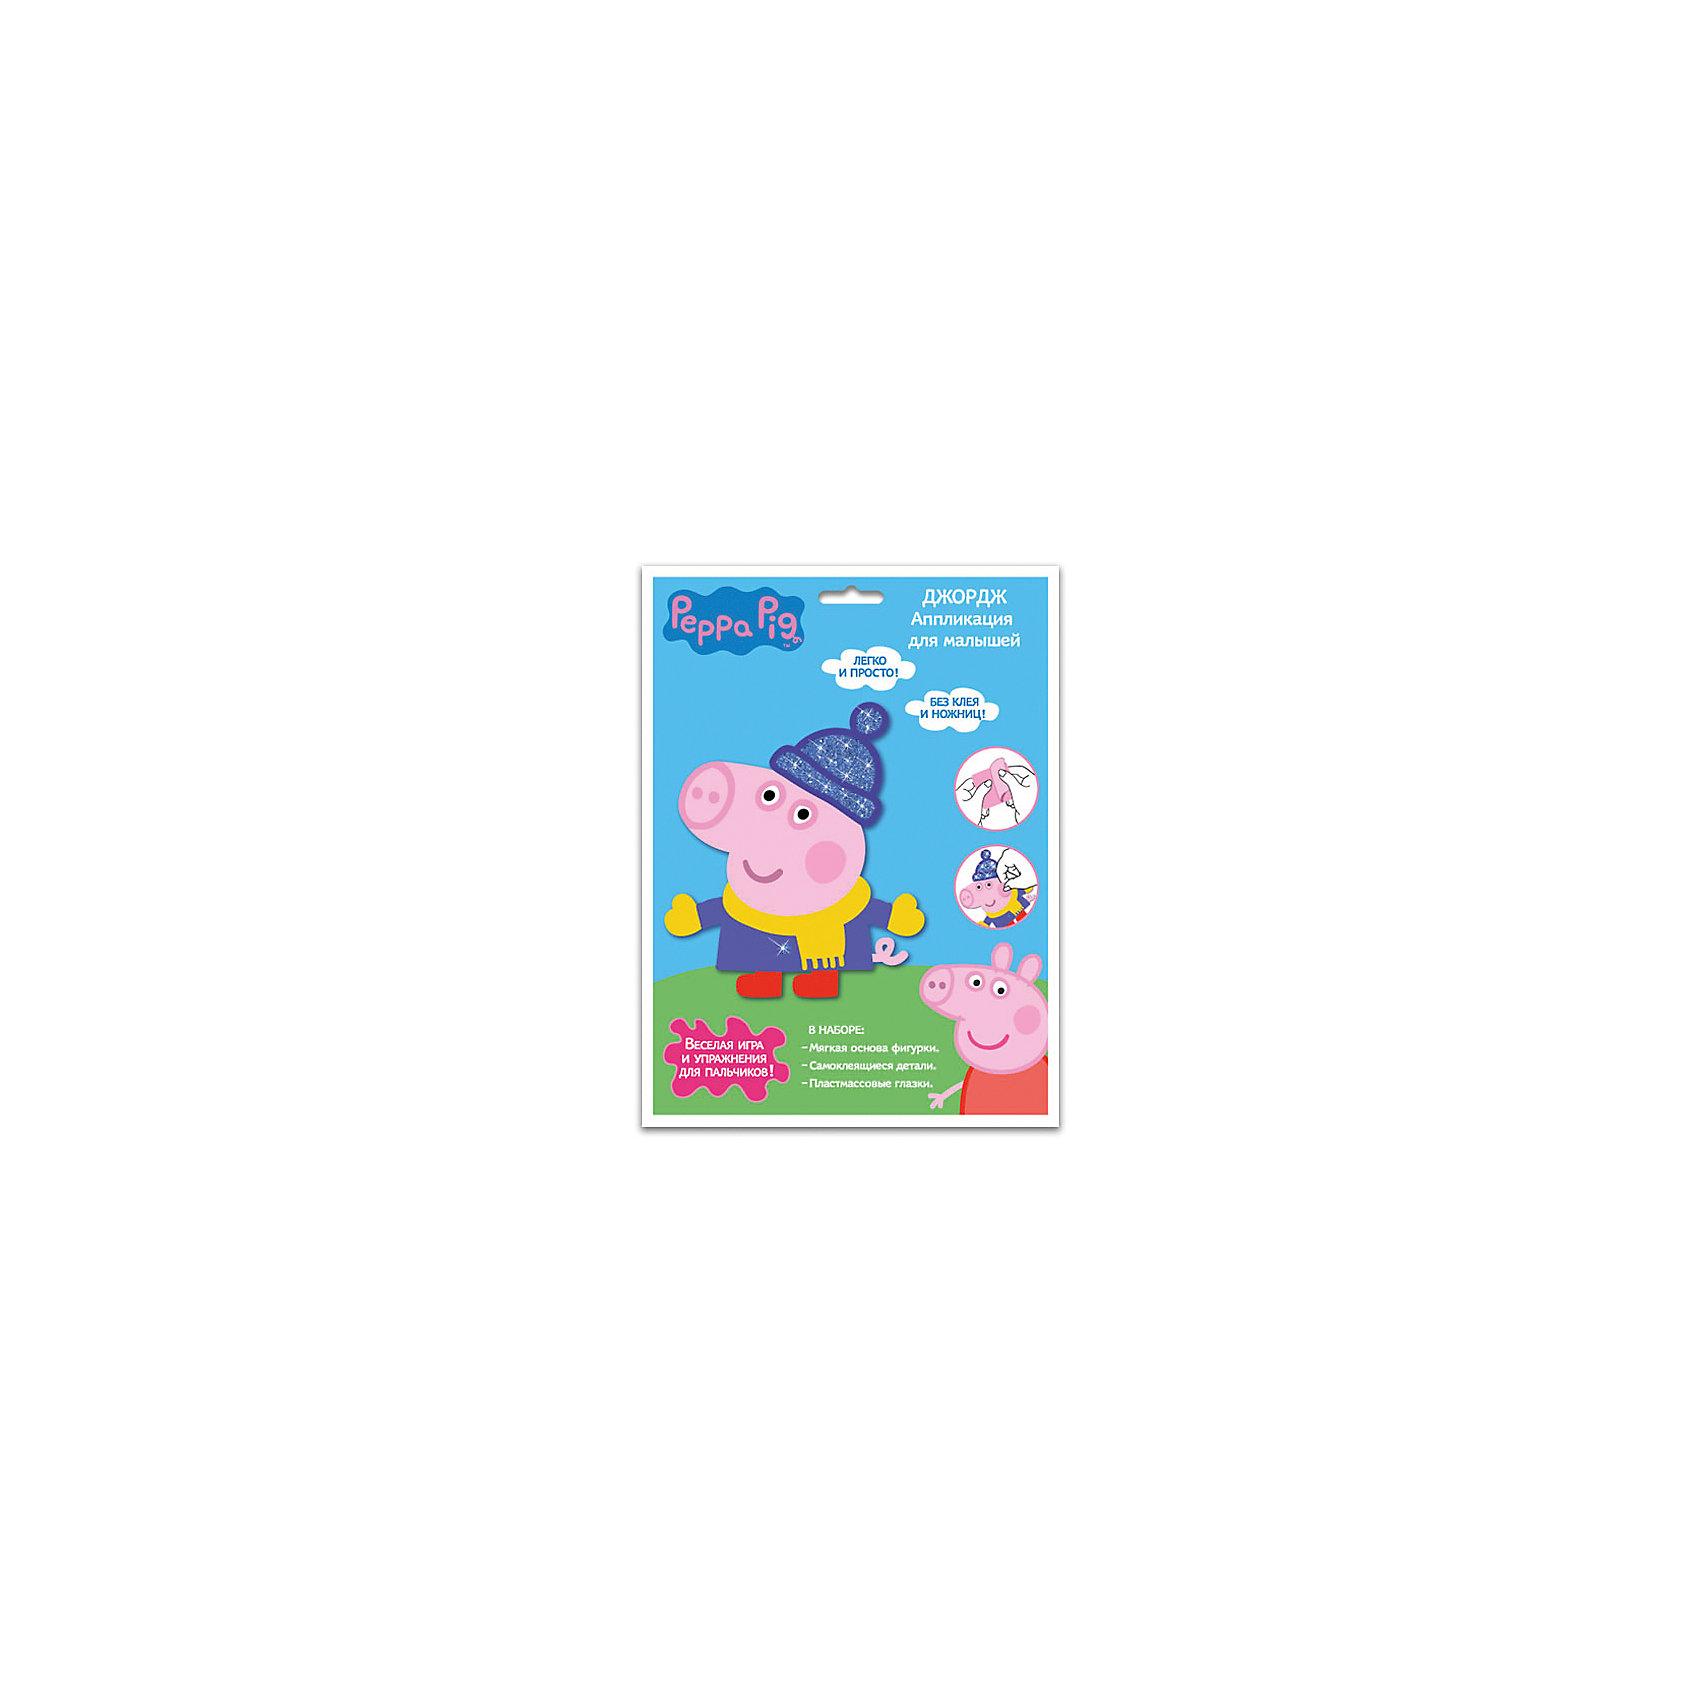 Аппликация  Джордж 19х16,5 см,, Свинка ПеппаСвинка Пеппа<br>Аппликация Джордж, Свинка Пеппа - увлекательный набор для детского творчества, который поможет Вашему ребенку без ножниц и клея сделать фигурку знакомого героя. Аппликация проста в исполнении и доступна даже для самых маленьких. Малышу нужно лишь снять защитный слой с самоклеящихся деталей и наклеить их на цветную основу. Прикрепите готовой фигурке глазки, а на голову наденьте блестящую шапочку - у Вас получится забавный поросенок Джордж из популярного мультсериала Свинка Пеппа (Peppa Pig). Детали аппликации выполнены из мягкого материала ЭВА, легко приклеиваются и прочно держатся. Работа с аппликацией развивает у ребенка цветовое восприятие, образно-логическое мышление, пространственное воображение и мелкую моторику.<br><br>Дополнительная информация:<br><br>- В комплекте: мягкая основа фигурки, самоклеящиеся детали, пластиковые глазки.<br>- Размер фигурки: 19 х 16,5 см.<br>- Размер упаковки: 18 х 24,5 см.<br>- Вес: 54 гр.<br><br>Аппликацию Джордж, Свинка Пеппа, можно купить в нашем интернет-магазине.<br><br>Ширина мм: 244<br>Глубина мм: 165<br>Высота мм: 10<br>Вес г: 54<br>Возраст от месяцев: 36<br>Возраст до месяцев: 84<br>Пол: Унисекс<br>Возраст: Детский<br>SKU: 4244180